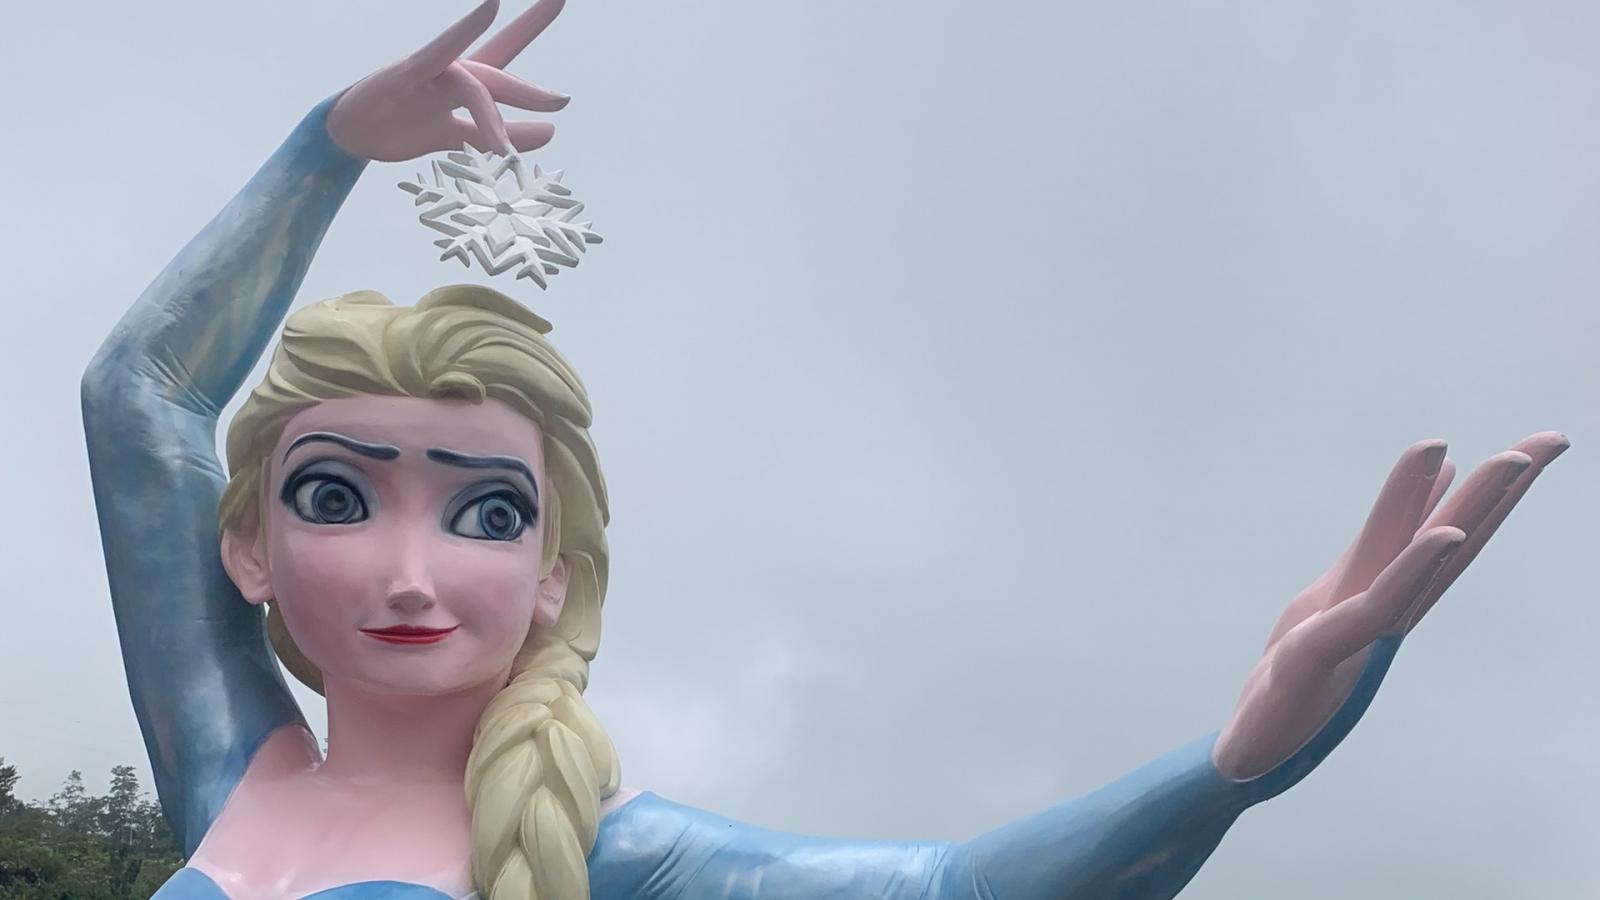 Sau vụ việc tượng Elsa, Sa Pa mở rộng kiểm tra các điểm check-in trên địa bàn